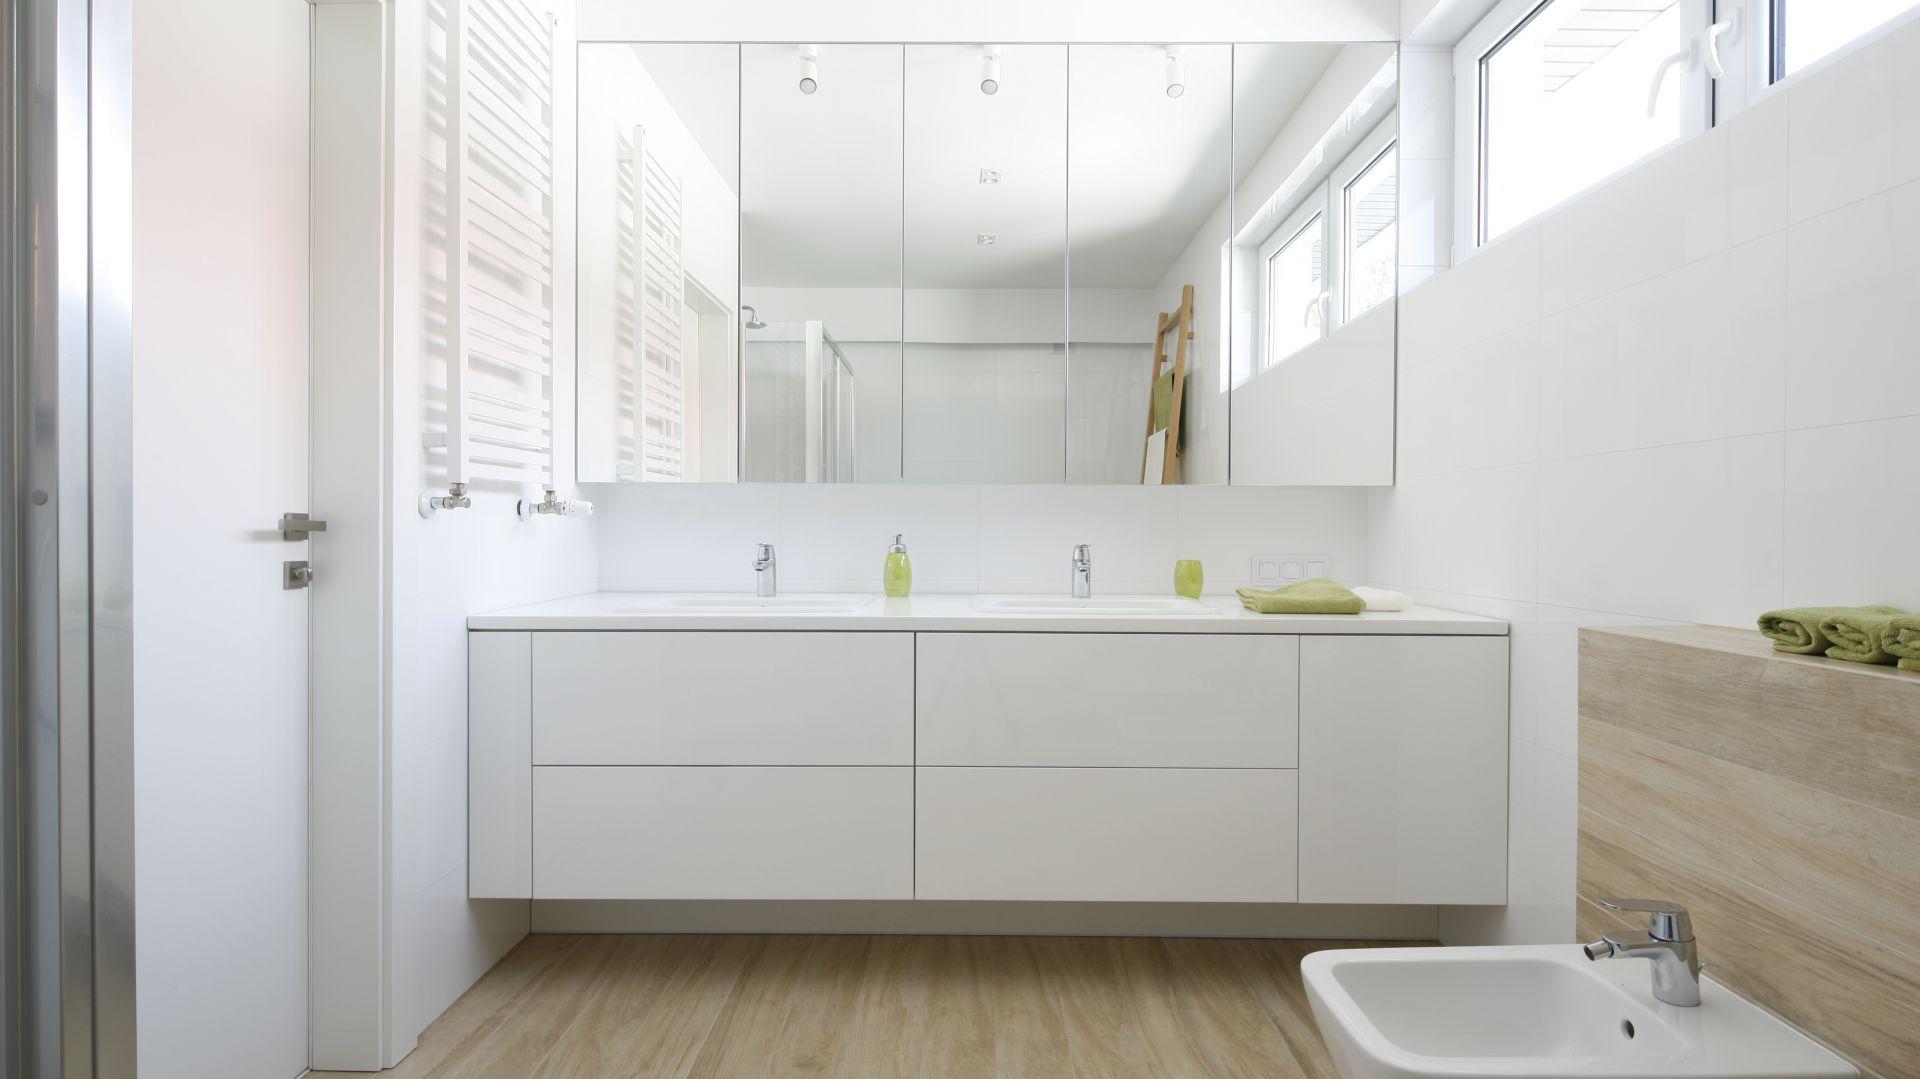 Pomysł na lustro w łazience. Proj. Joanna Ochota. Fot. Bartosz Jarosz